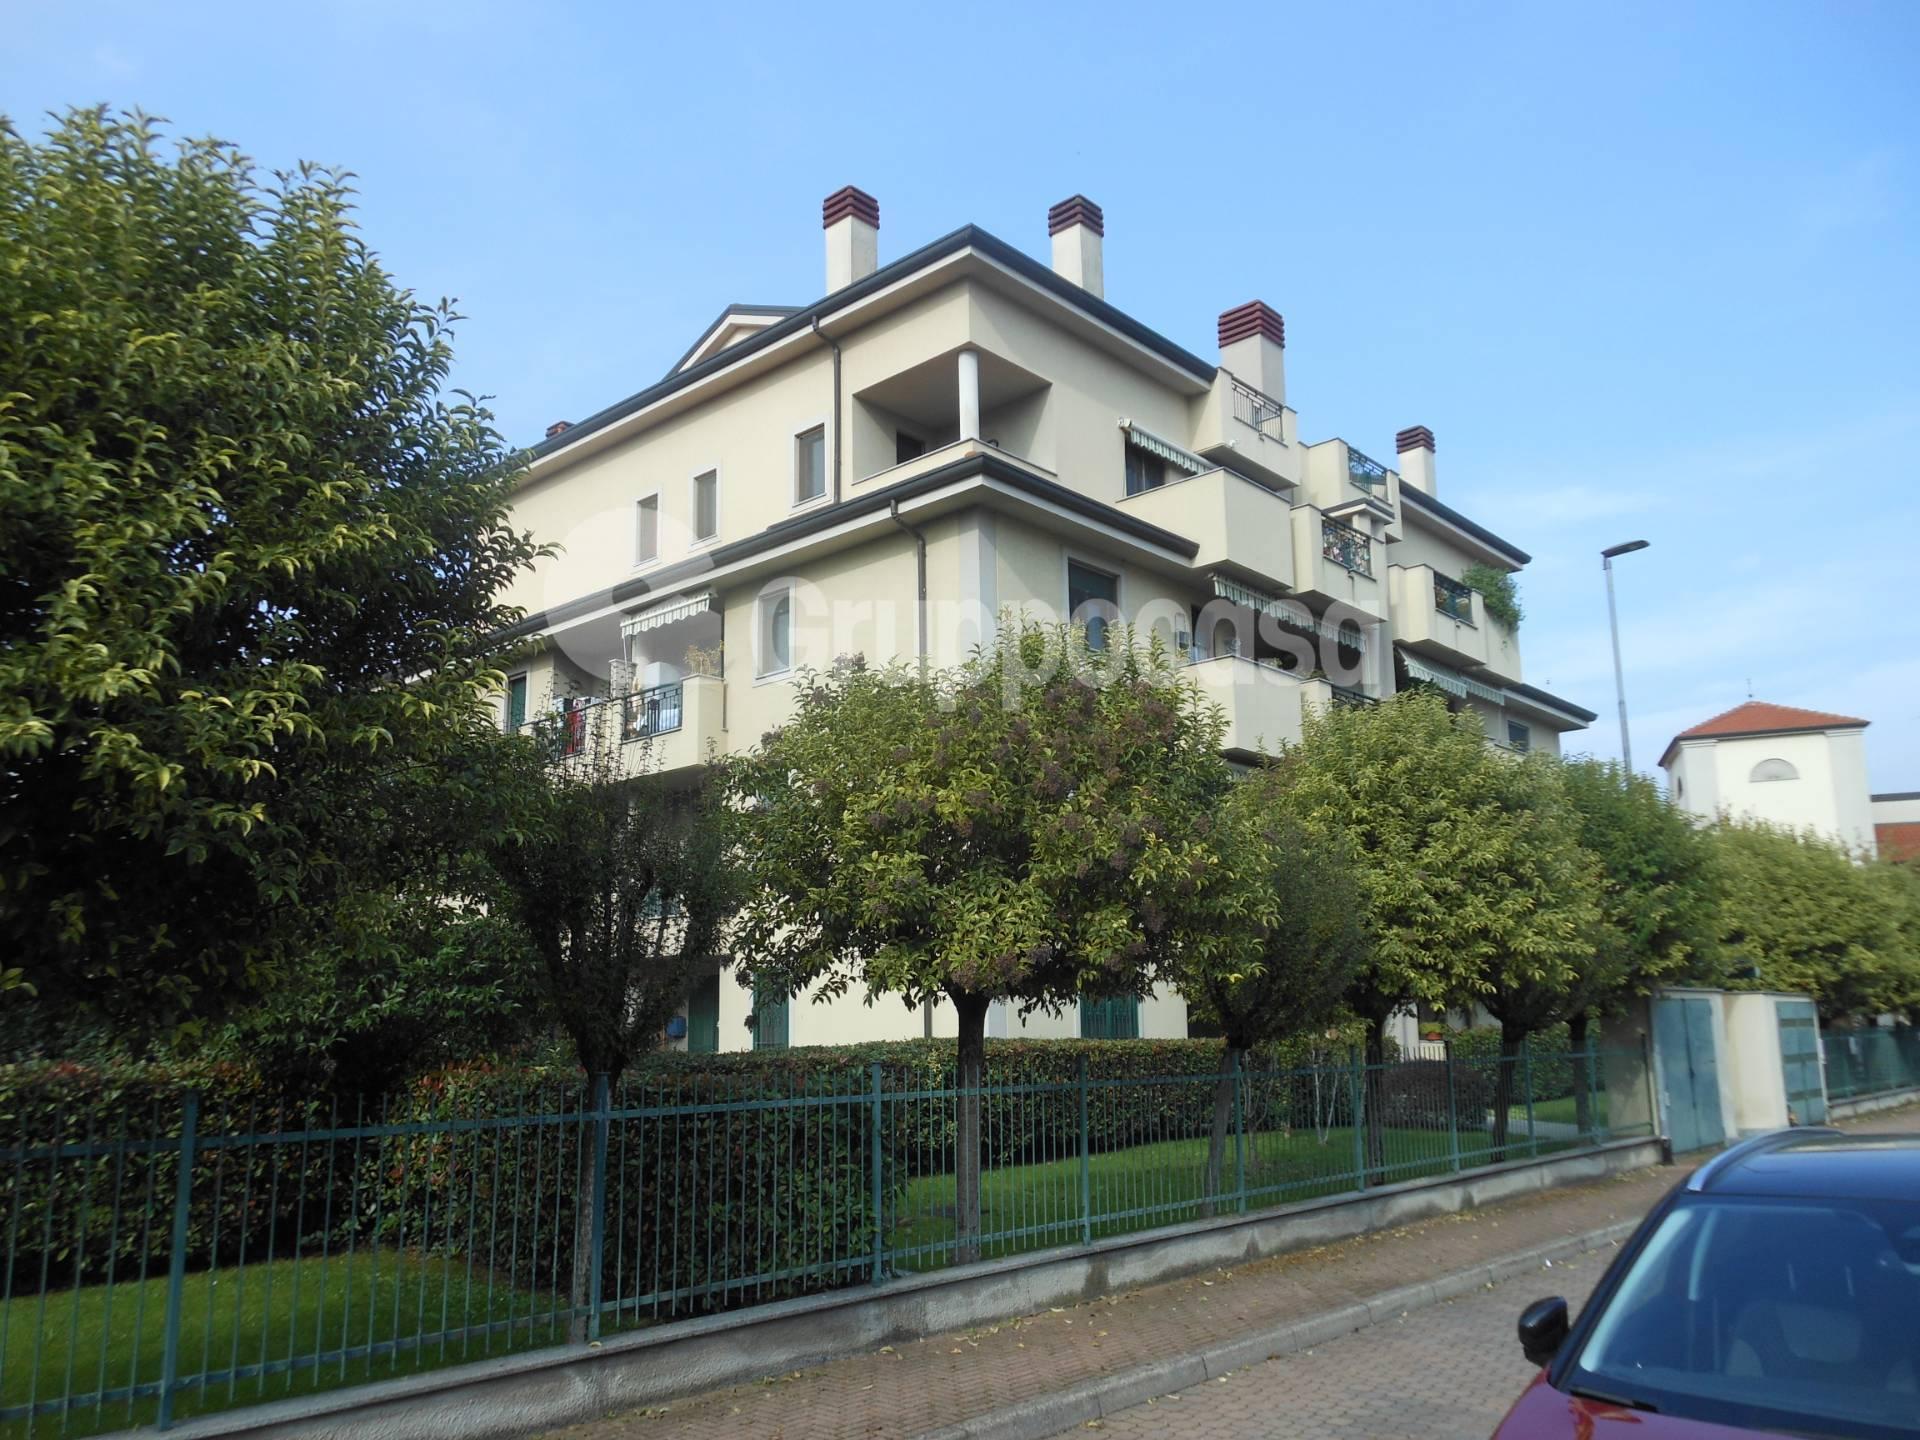 Appartamento in vendita a Corbetta, 3 locali, prezzo € 160.000 | PortaleAgenzieImmobiliari.it